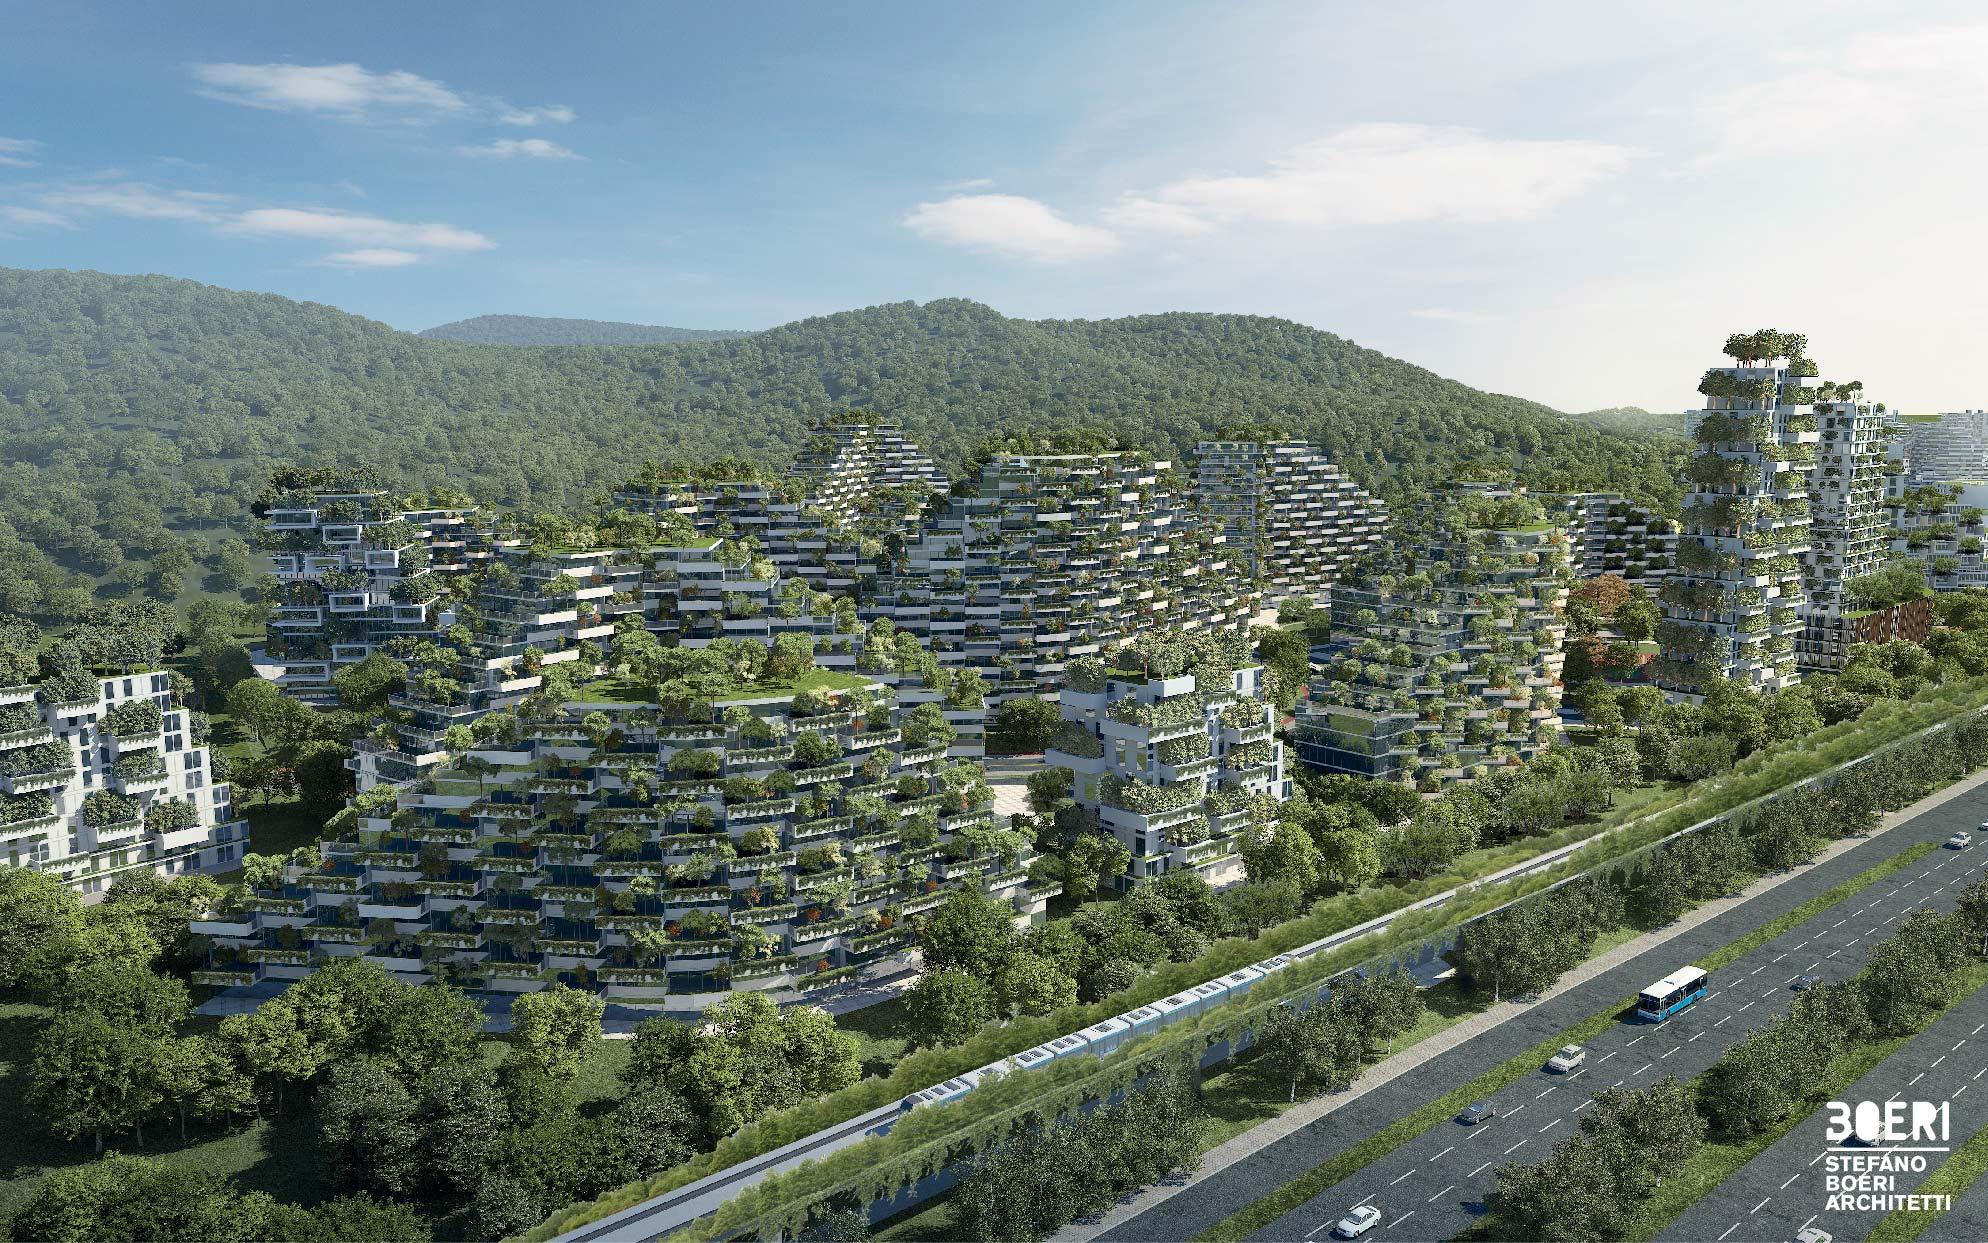 יוזמה סינית מהפכנית: עיר המשולבת ביער ירוק